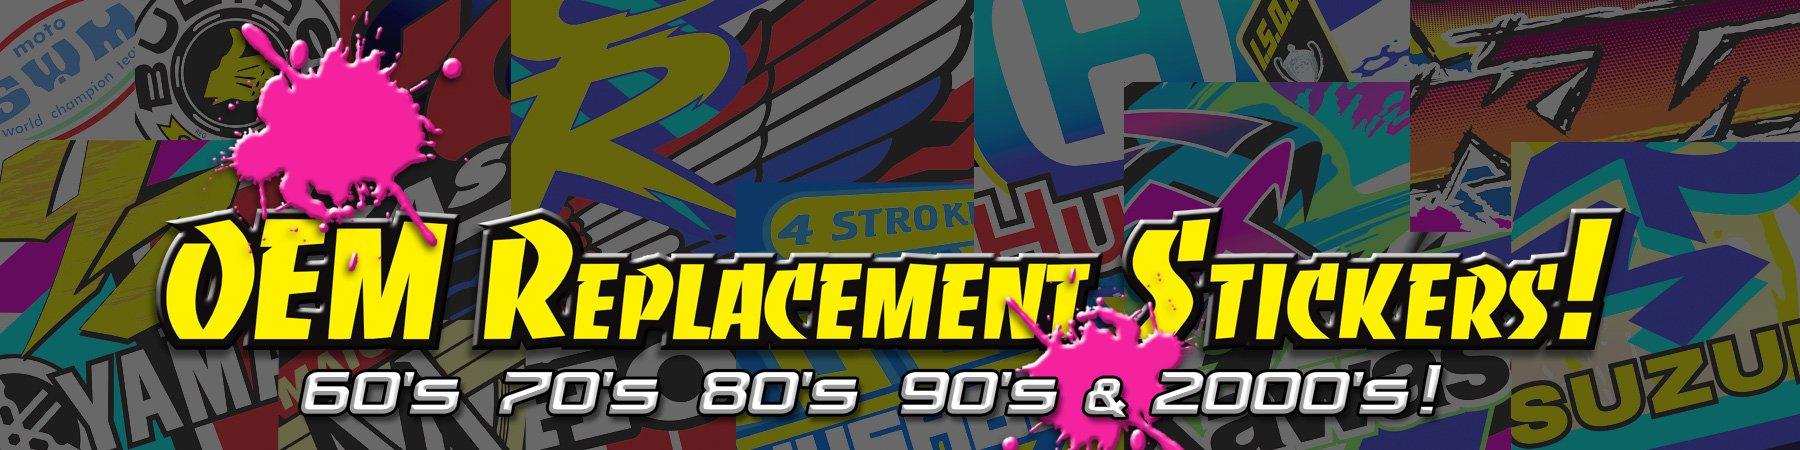 oem-evo-mx-vintage-retro-60s-70s-80s-90s-moto-stickers-decals-replica-replacement-graphics